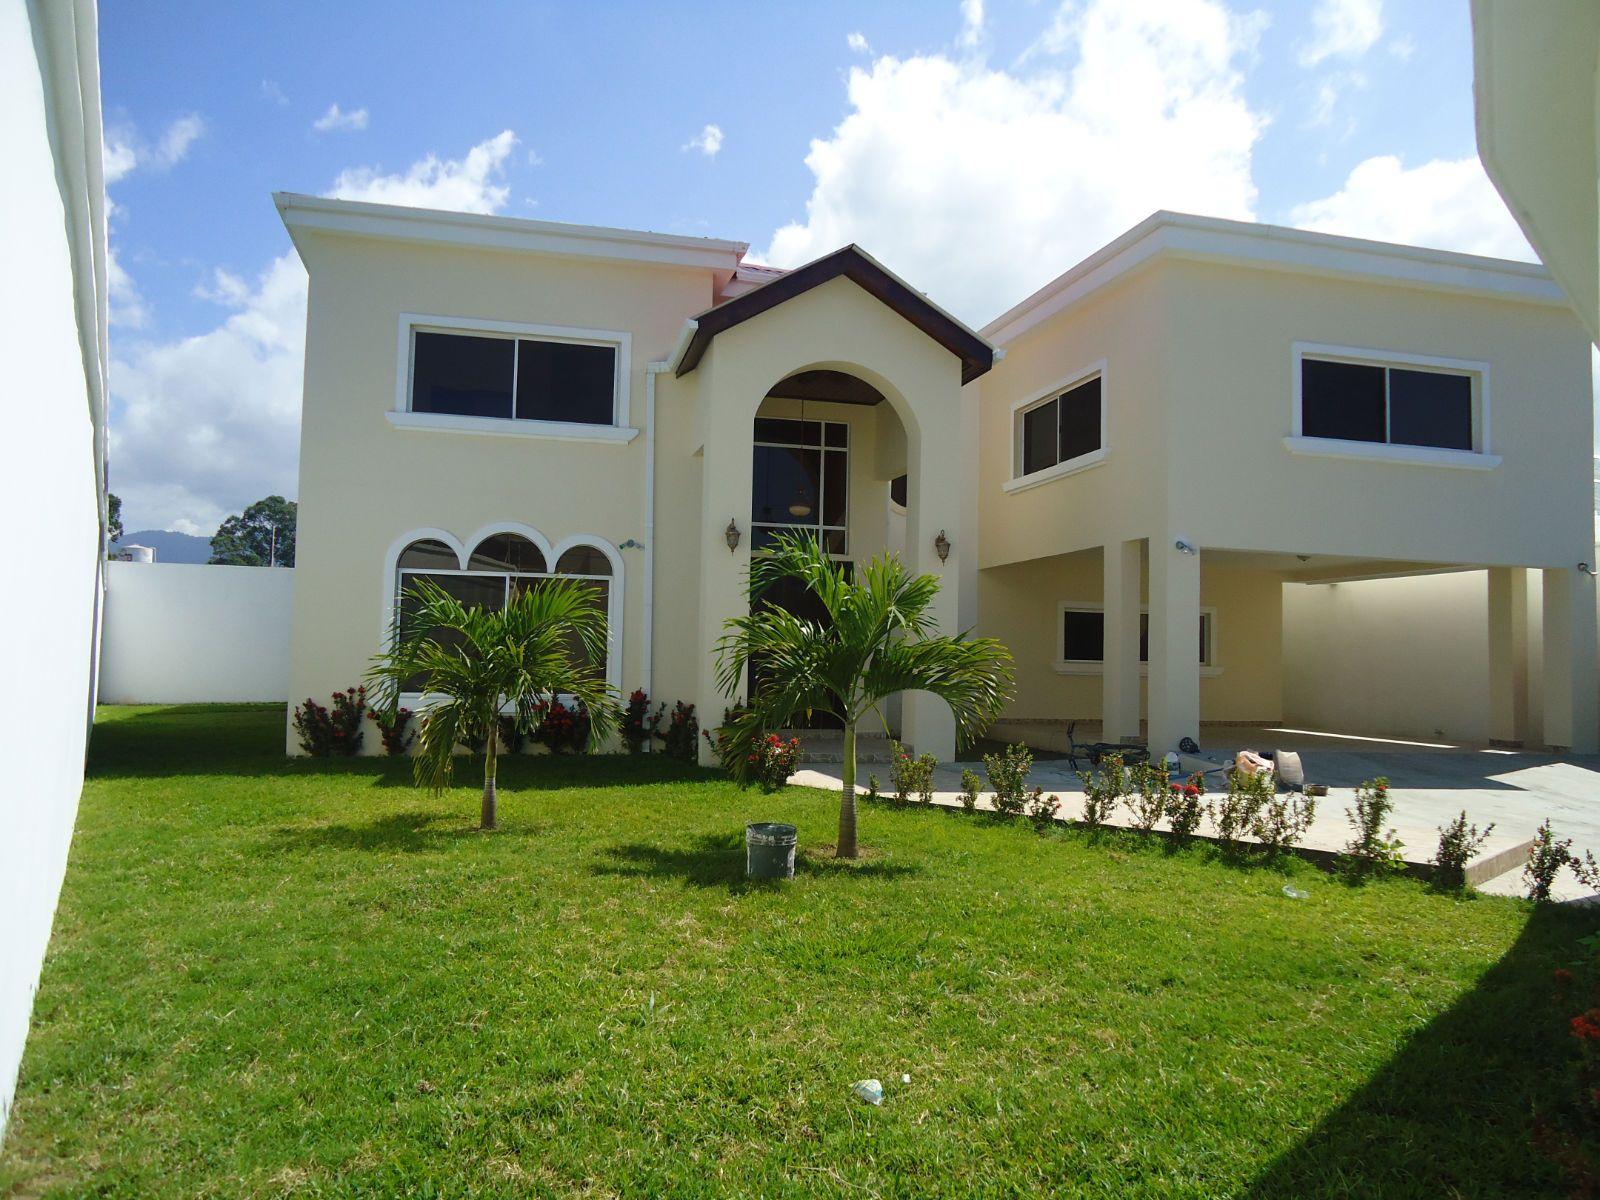 bella casa en venta ubicada en resd el Toronjal aqui en la ceiba